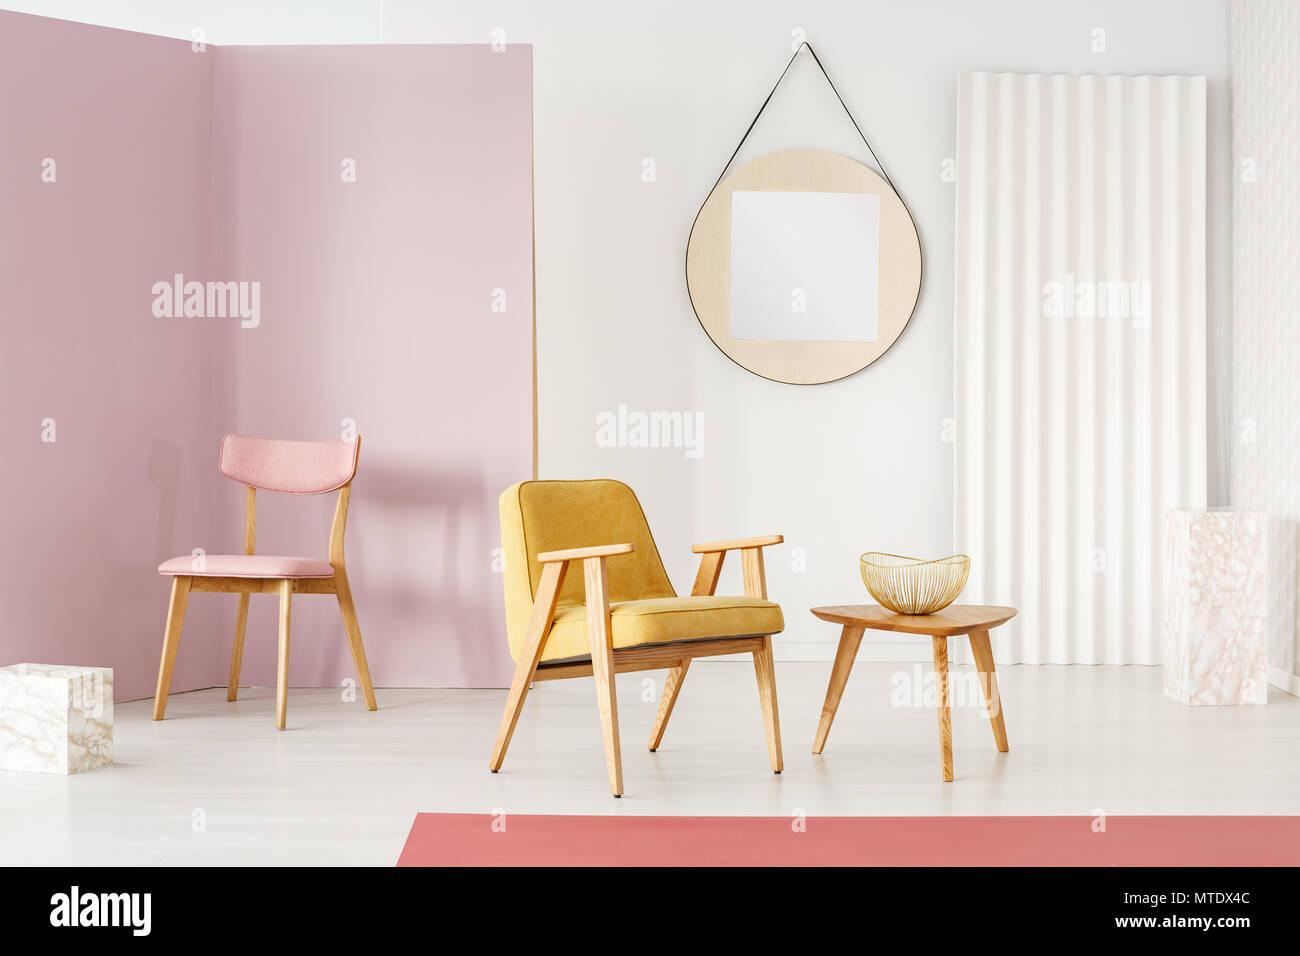 Rosa Stuhl In Der Ecke Und Gelben Sessel Durch Einen